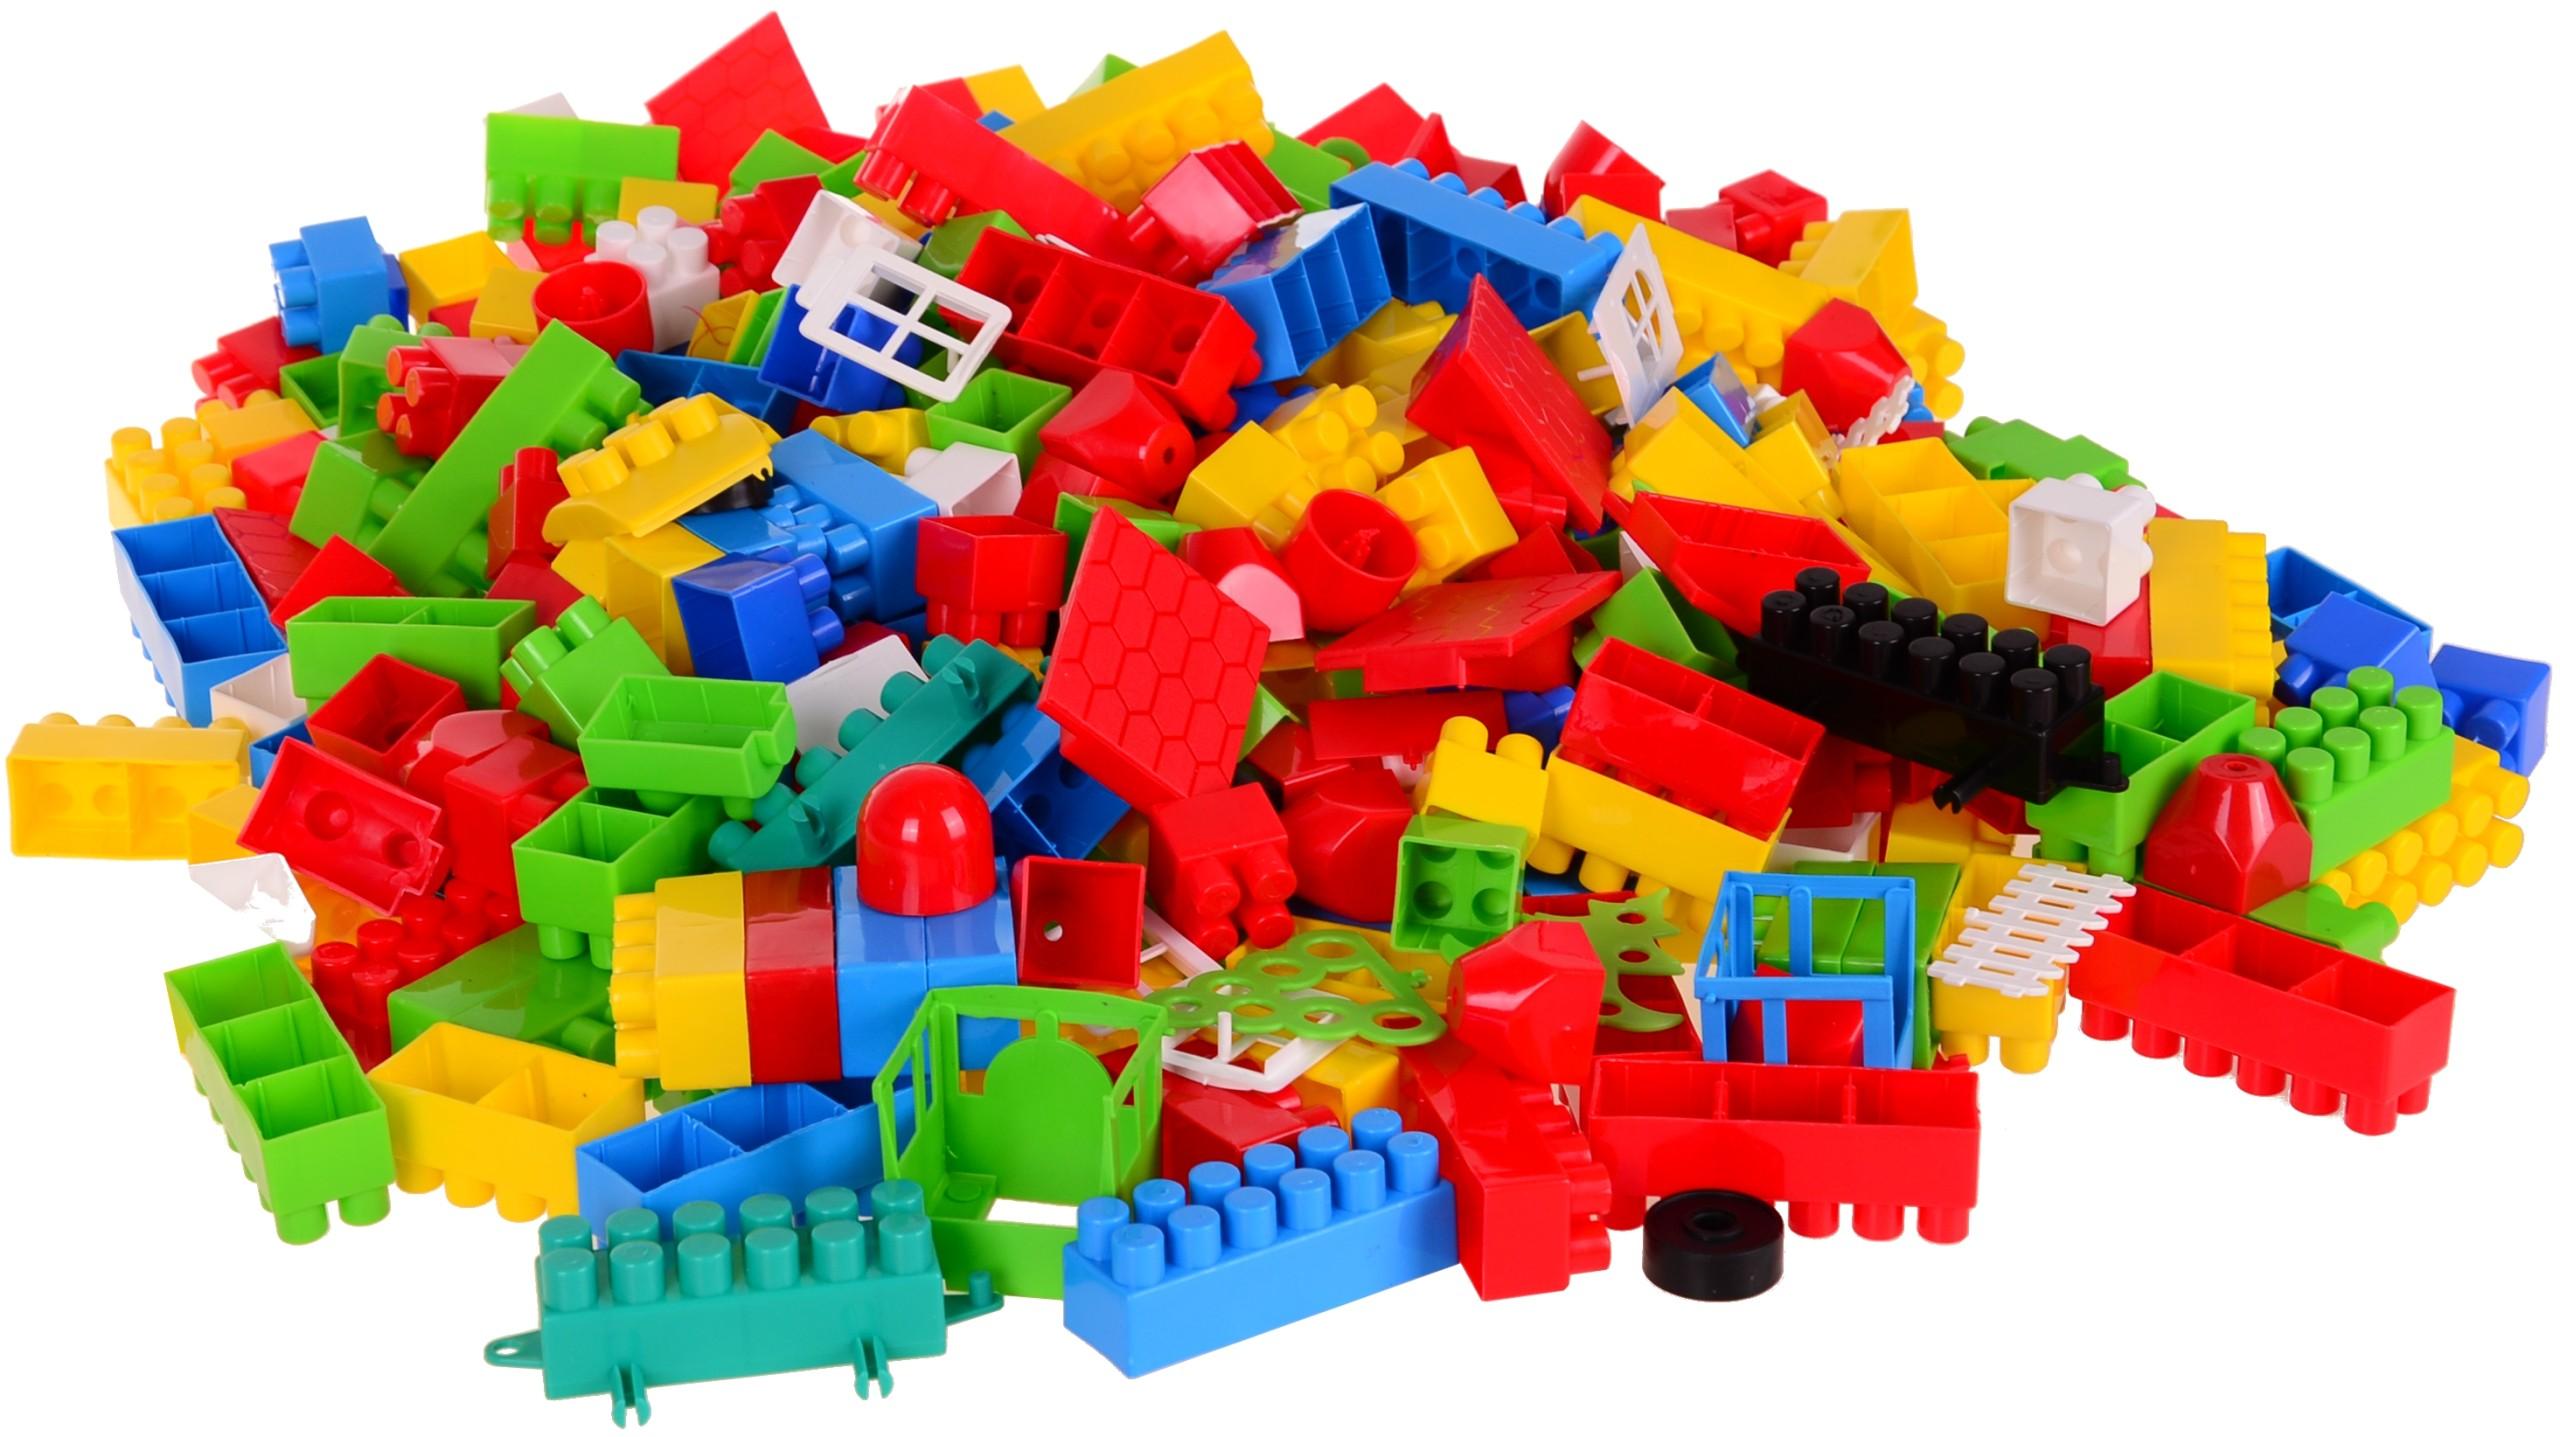 Stavebné bloky K2 BAJA 1000 ks BAG + vlak